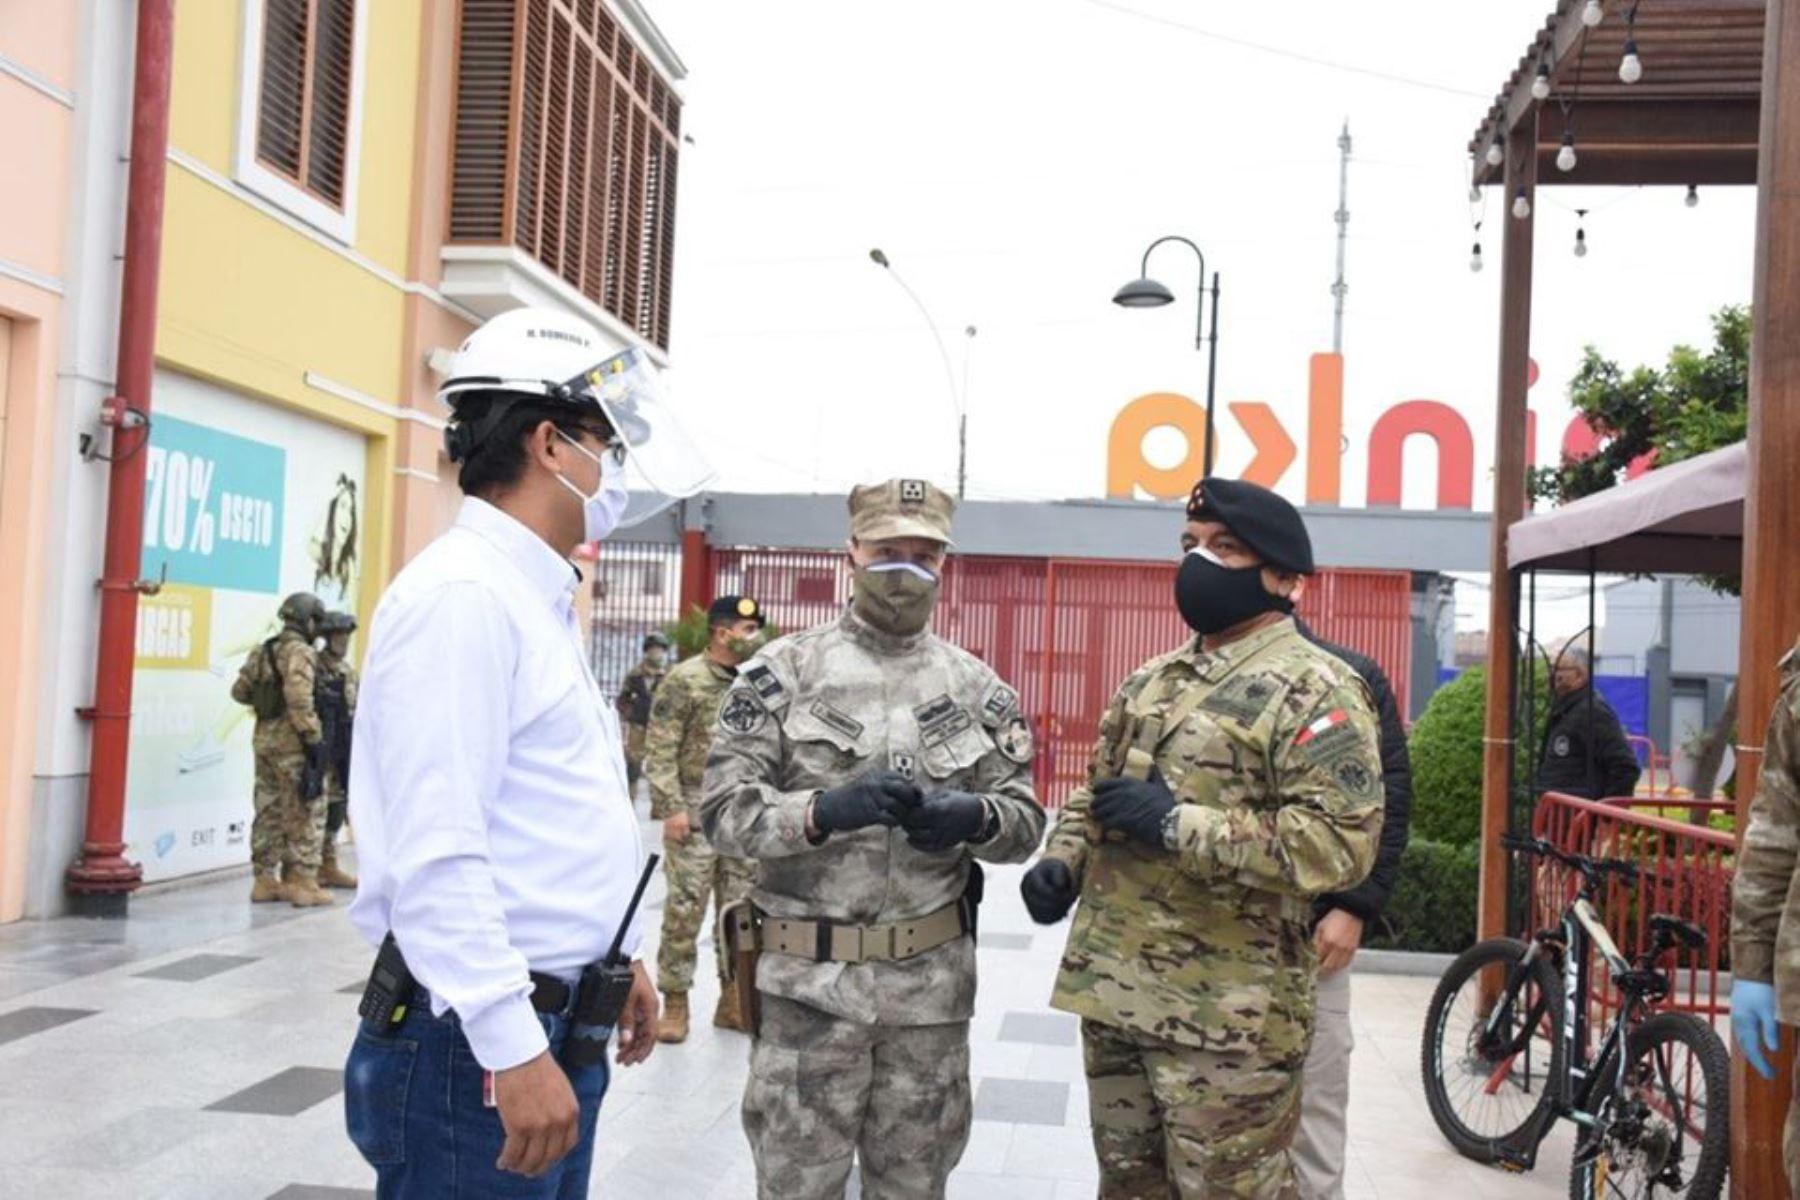 El Jefe del Comando de las Fuerzas Armadas y el  Comandante General de la Marina, realizaron una visita inopinada al CC. Minka, para controlar los aforos públicos, como parte de las nuevas medidas durante el Estado de Emergencia. Foto:Marina de Guerra